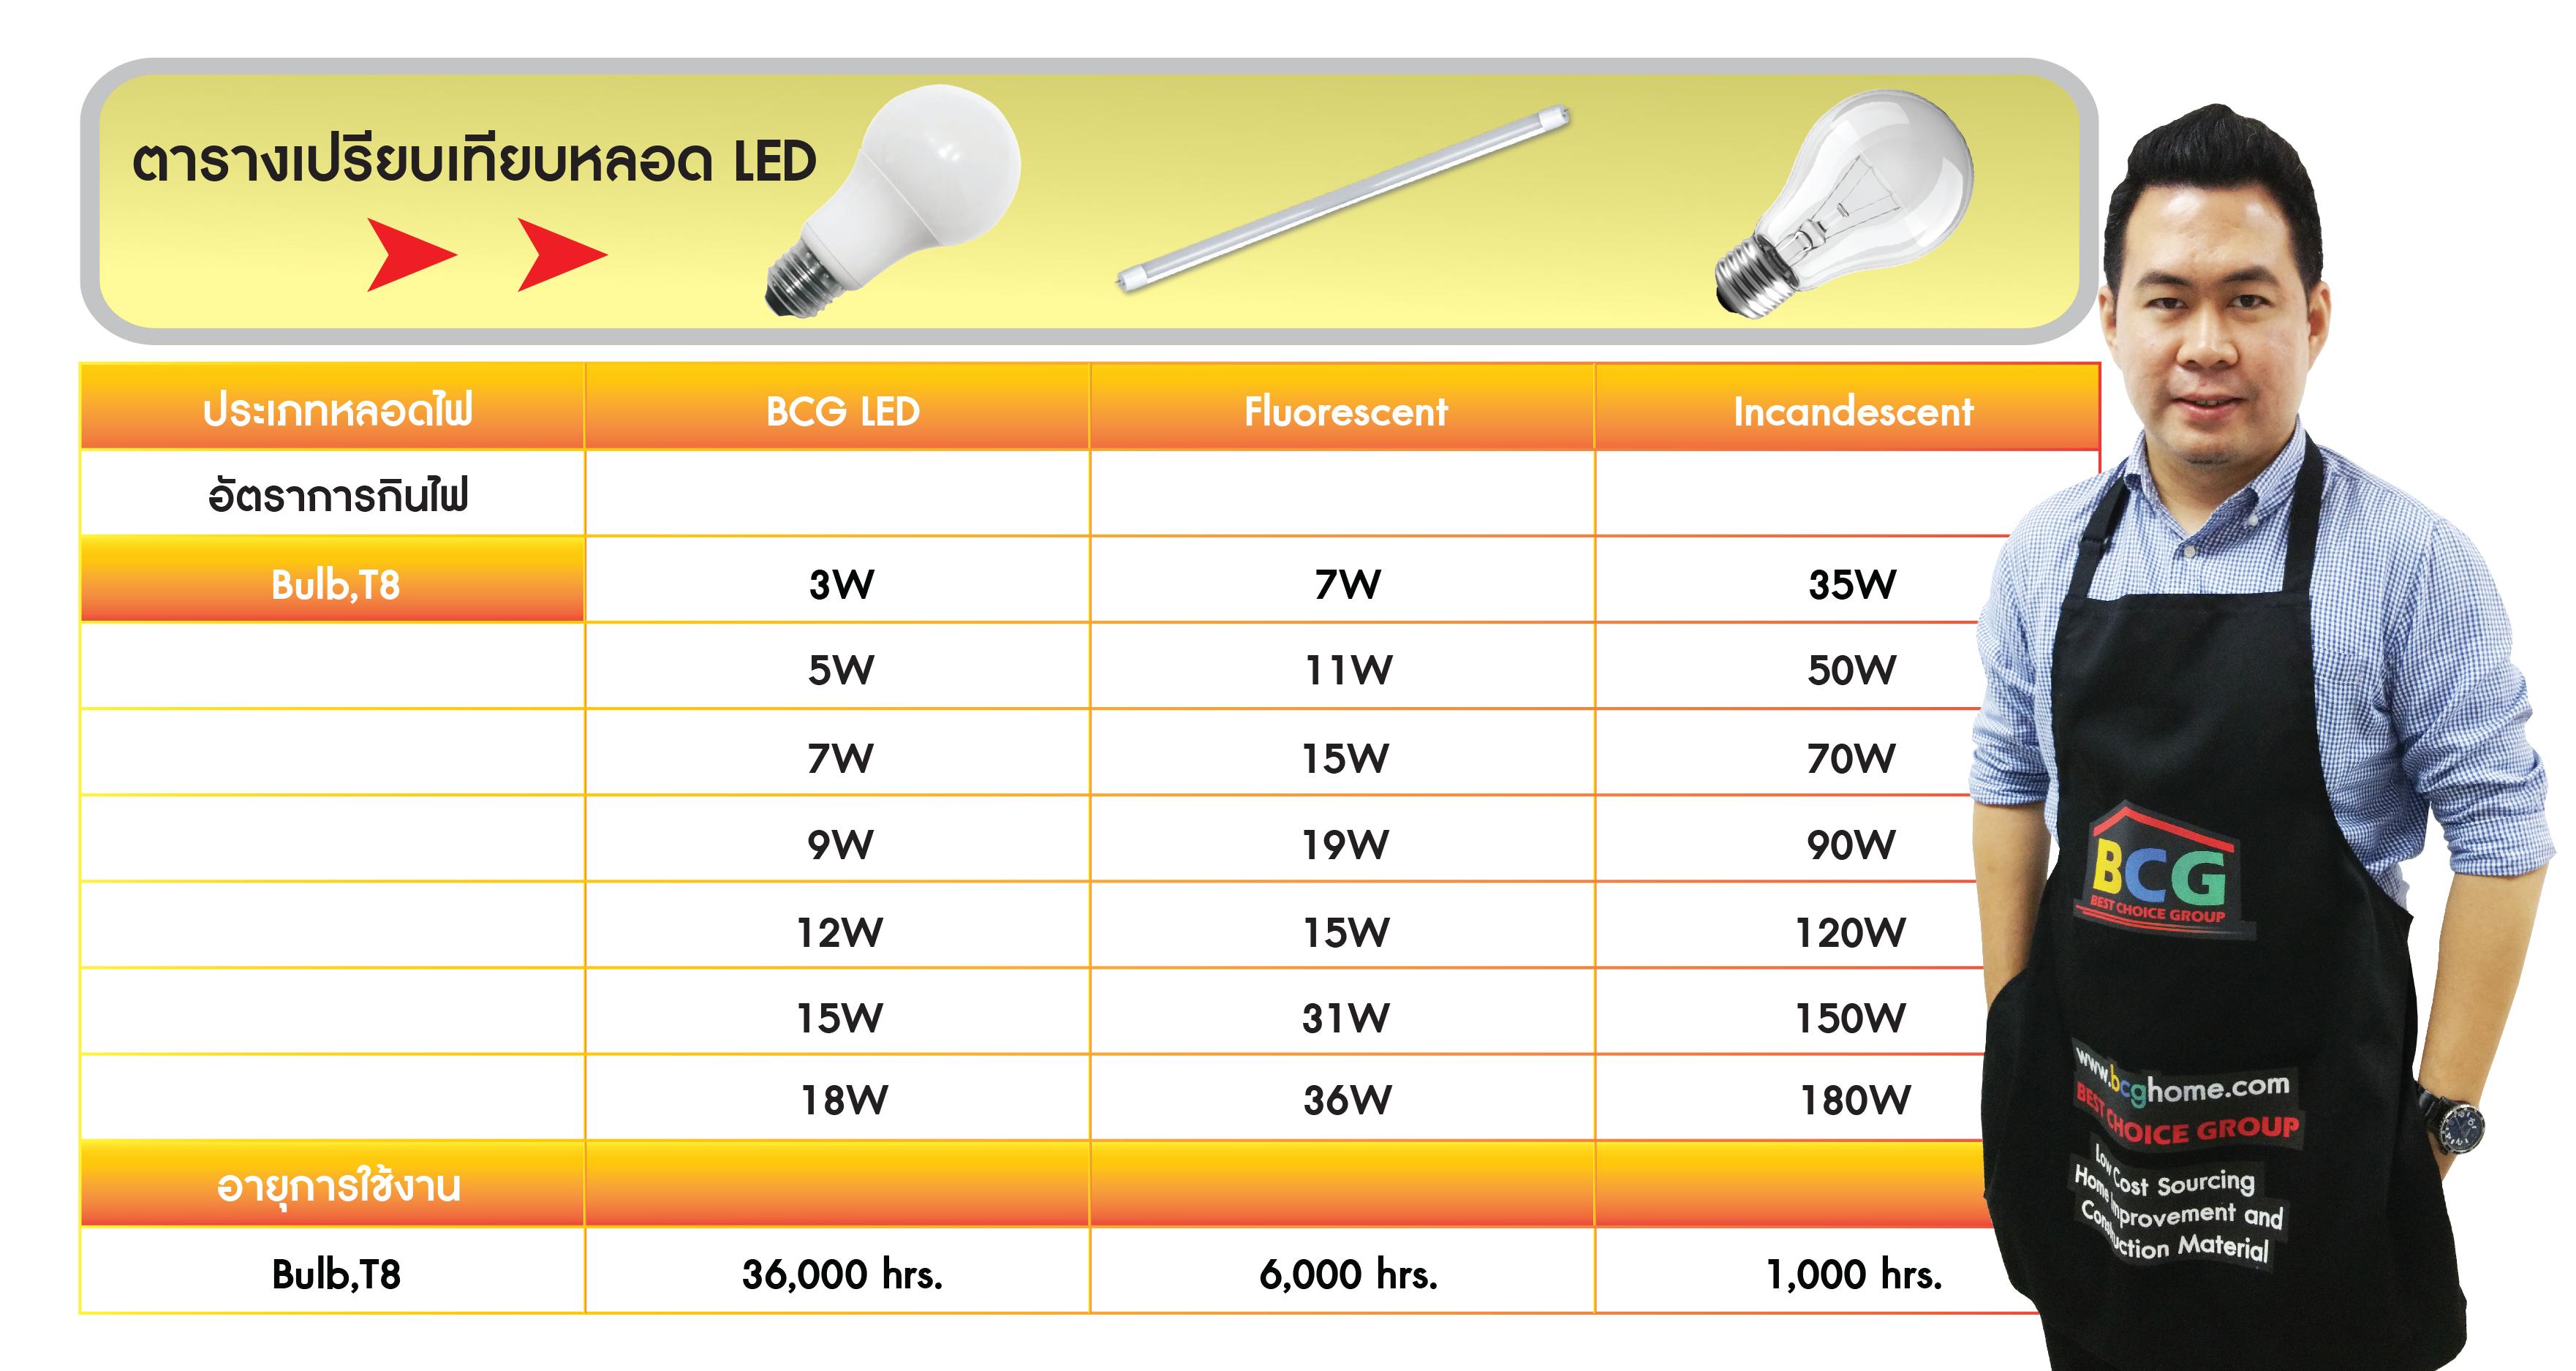 หลอด LED VS หลอดฟลูออเรสเซนต์ และ หลอดไส้